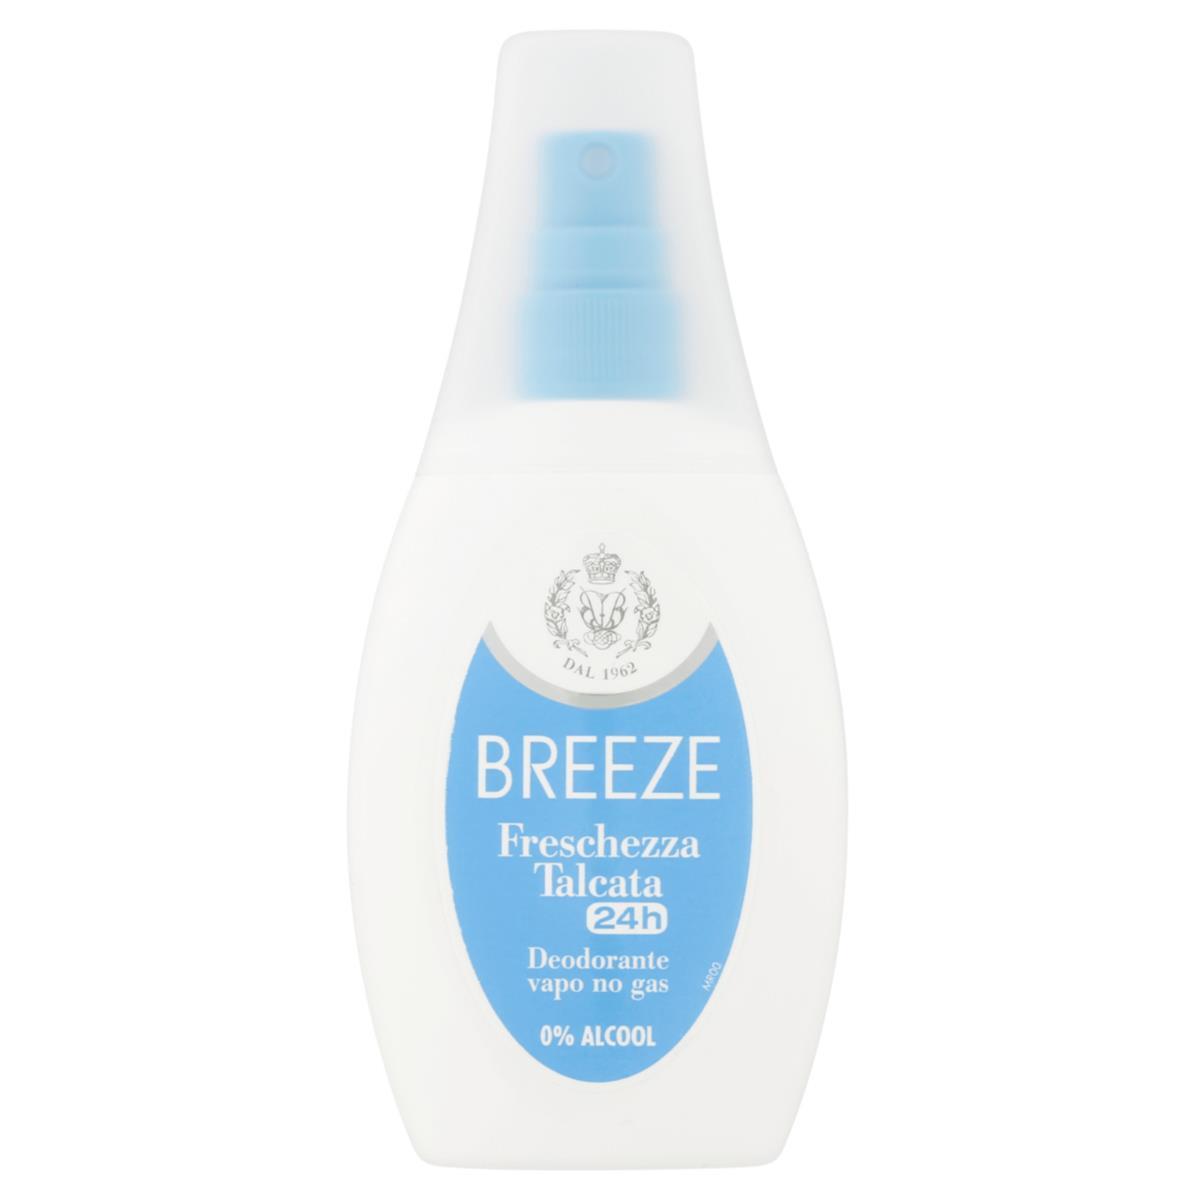 Deodorante Breeze Freschezza Talcata Vapo 75ml